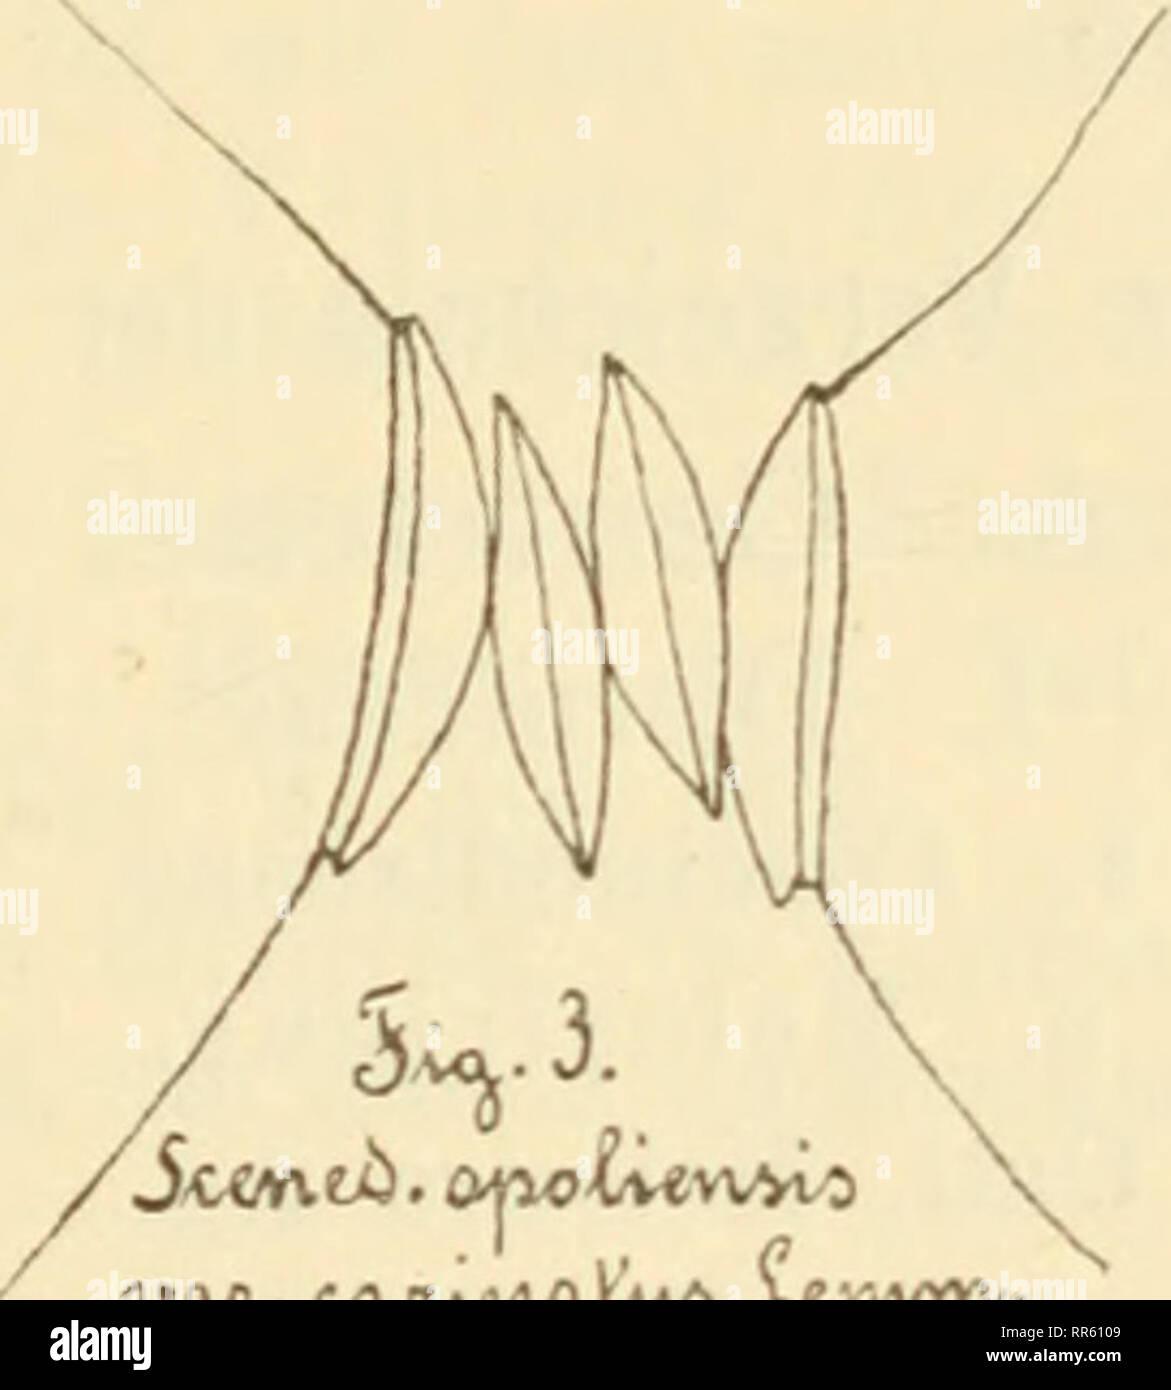 . Abhandlungen herausgegeben vom Naturwissenschaftlichen Verein zu Bremen. Natural history; Natural history -- Germany. 28. Richteriella botryoides (Schmidle) Lemm. 29. Selenastrum Bibraianum Reinsch. 29a. Polyedrium spinulosura Schmidle. Sehr selten im August 1908. (Fig. 2.). 30. 31. 32. DW- CAAvVtoA'vi/» Xev.vvYV. 4. Hydrodictyaceae. Pediastrum Boryanum (Turp.) Menegh. P. duplex Meyen. P. biradiatum Meyen. 32a. Hydrodictyon reticulatum (L.) Lagh. Im August 1908 einige Zellen im Plankton. 5. Ulvaceae. 33. Enteromorpha intestinalis (L.) Link. 6. Chaetophoraceae. 34. Stigeoclonium tenue Kg. 35. - Stock Image